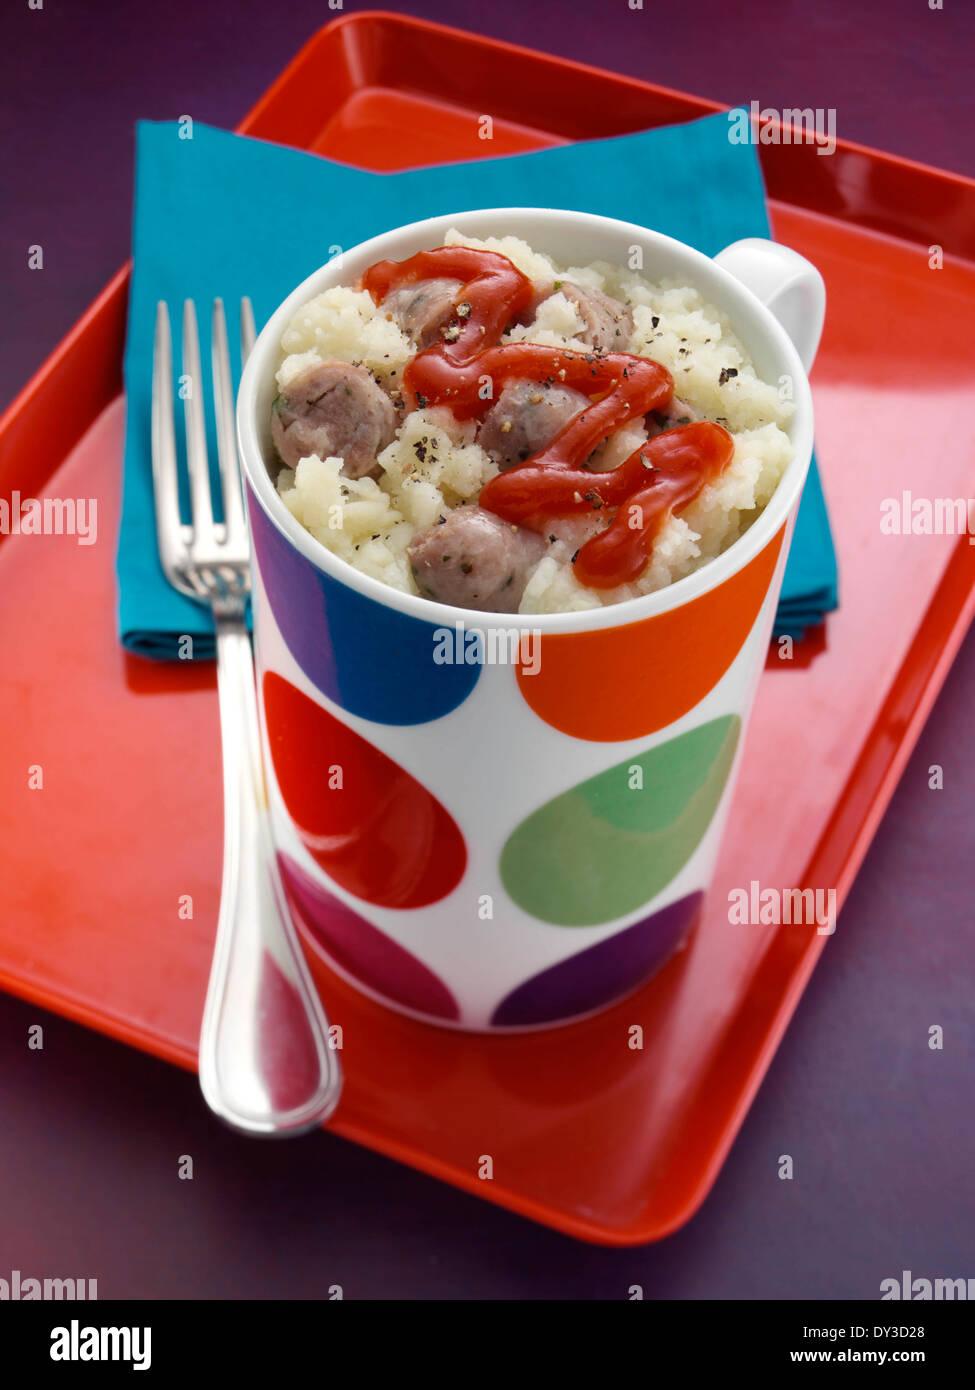 Sausage and mash - Stock Image